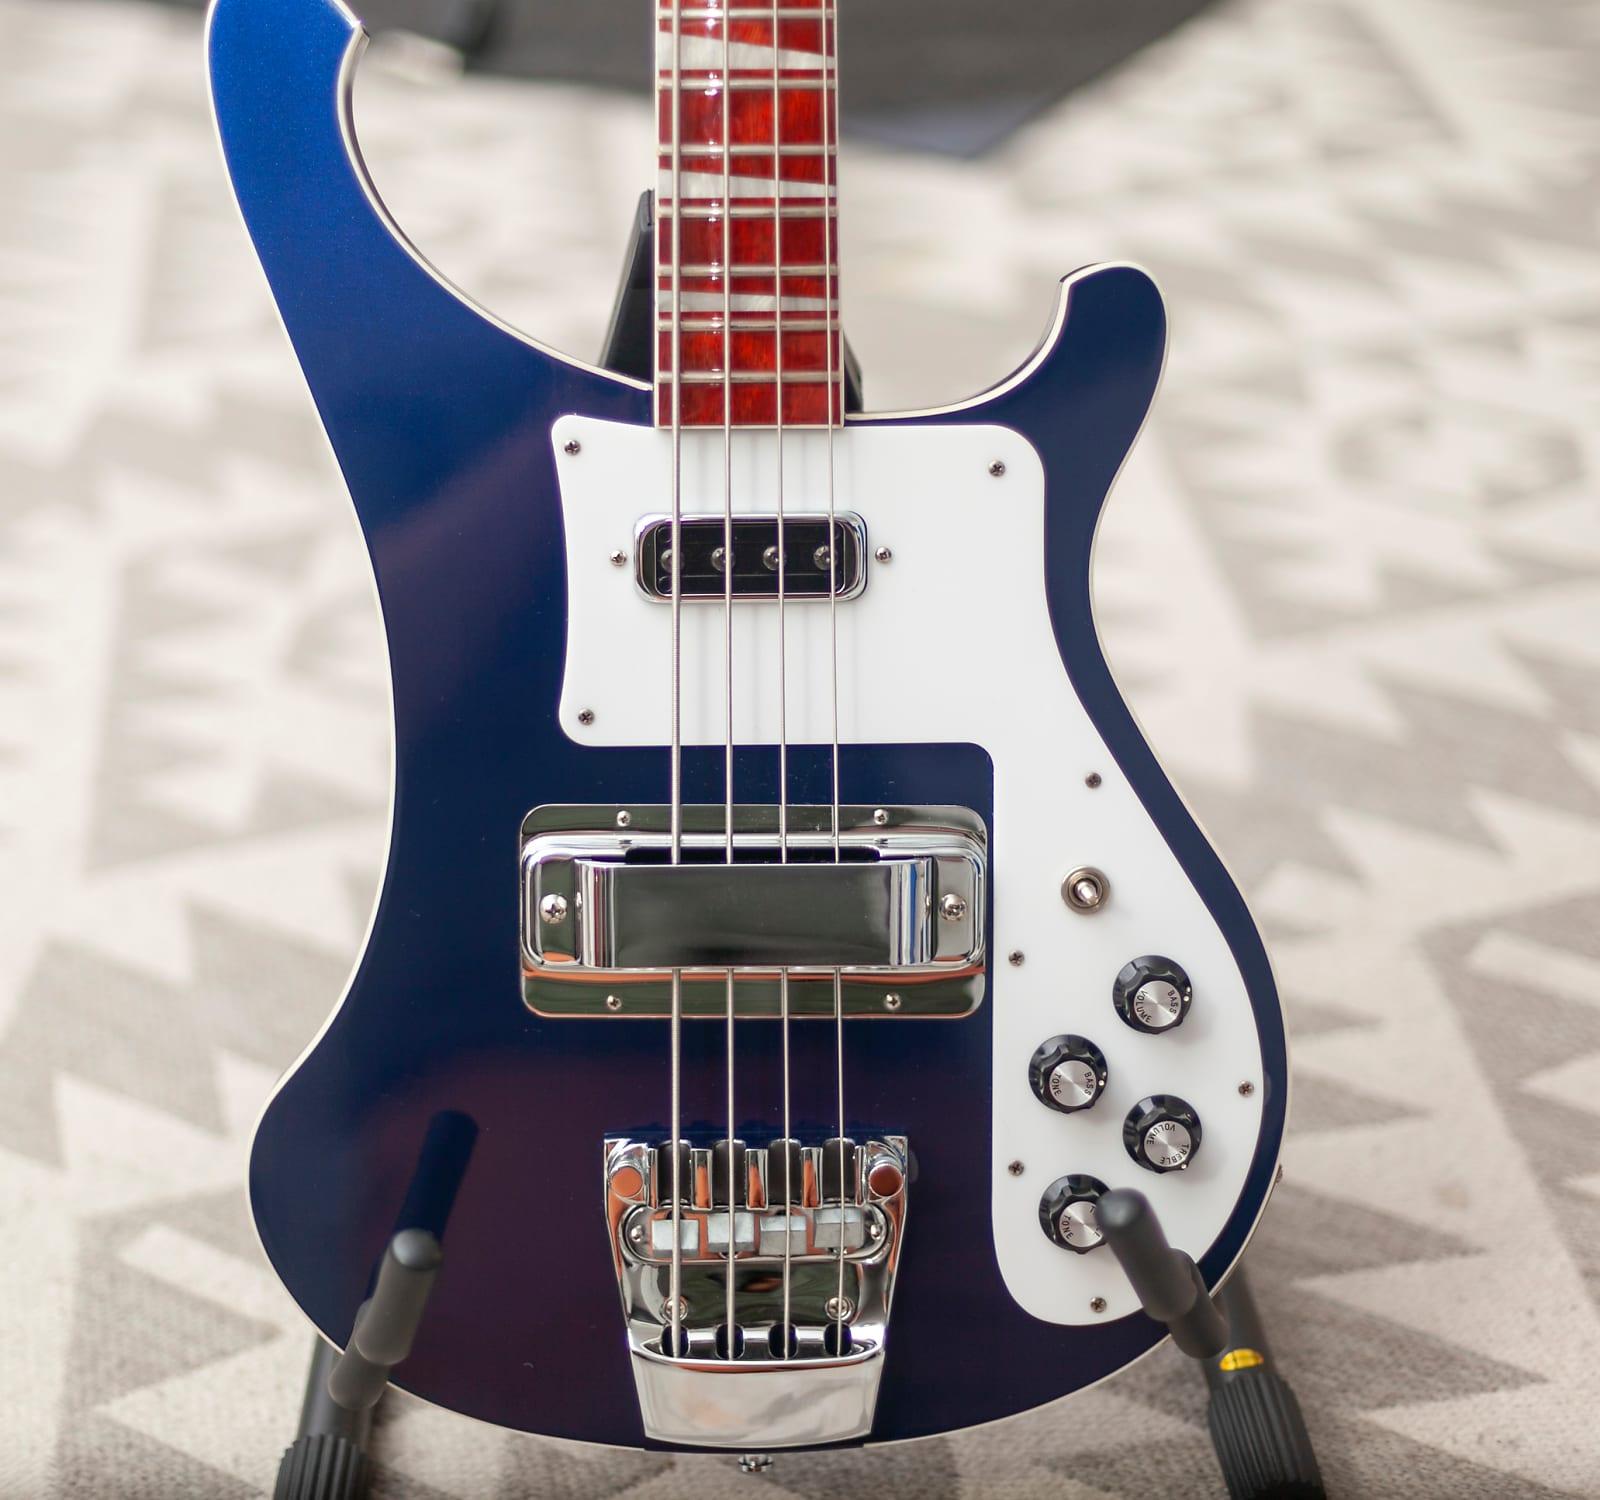 2017 Midnight Blue Rickenbacker 4003 Bass